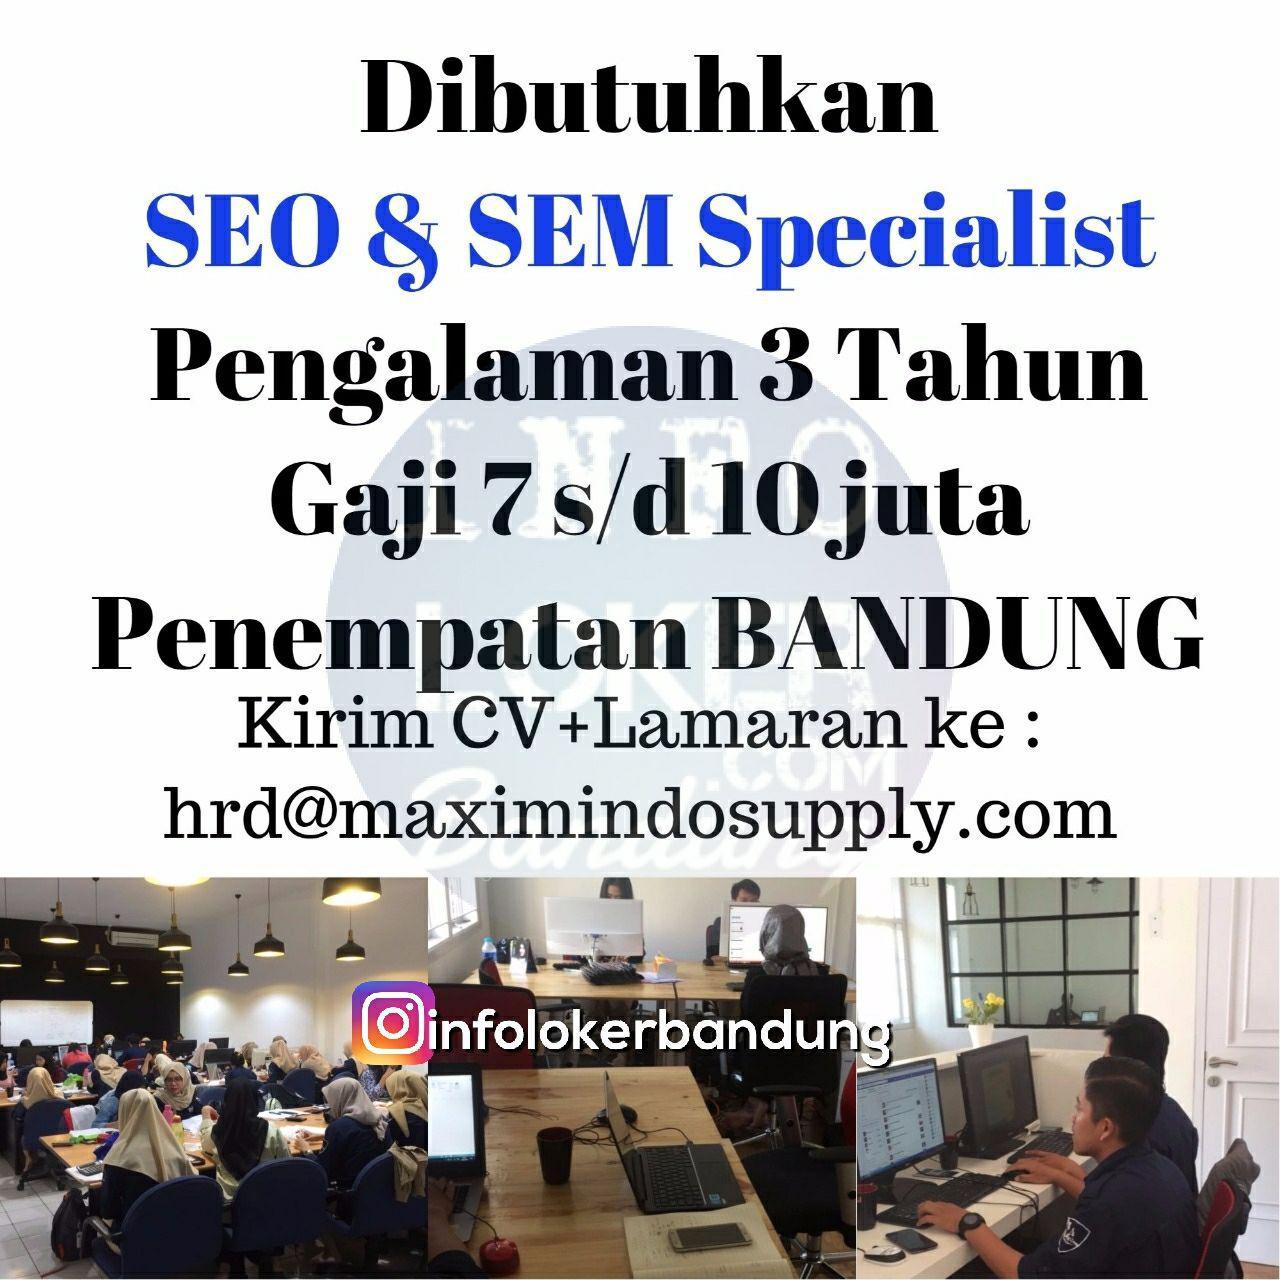 Lowongan Kerja SEO & SEM Maximindo Supply Oktober 2017